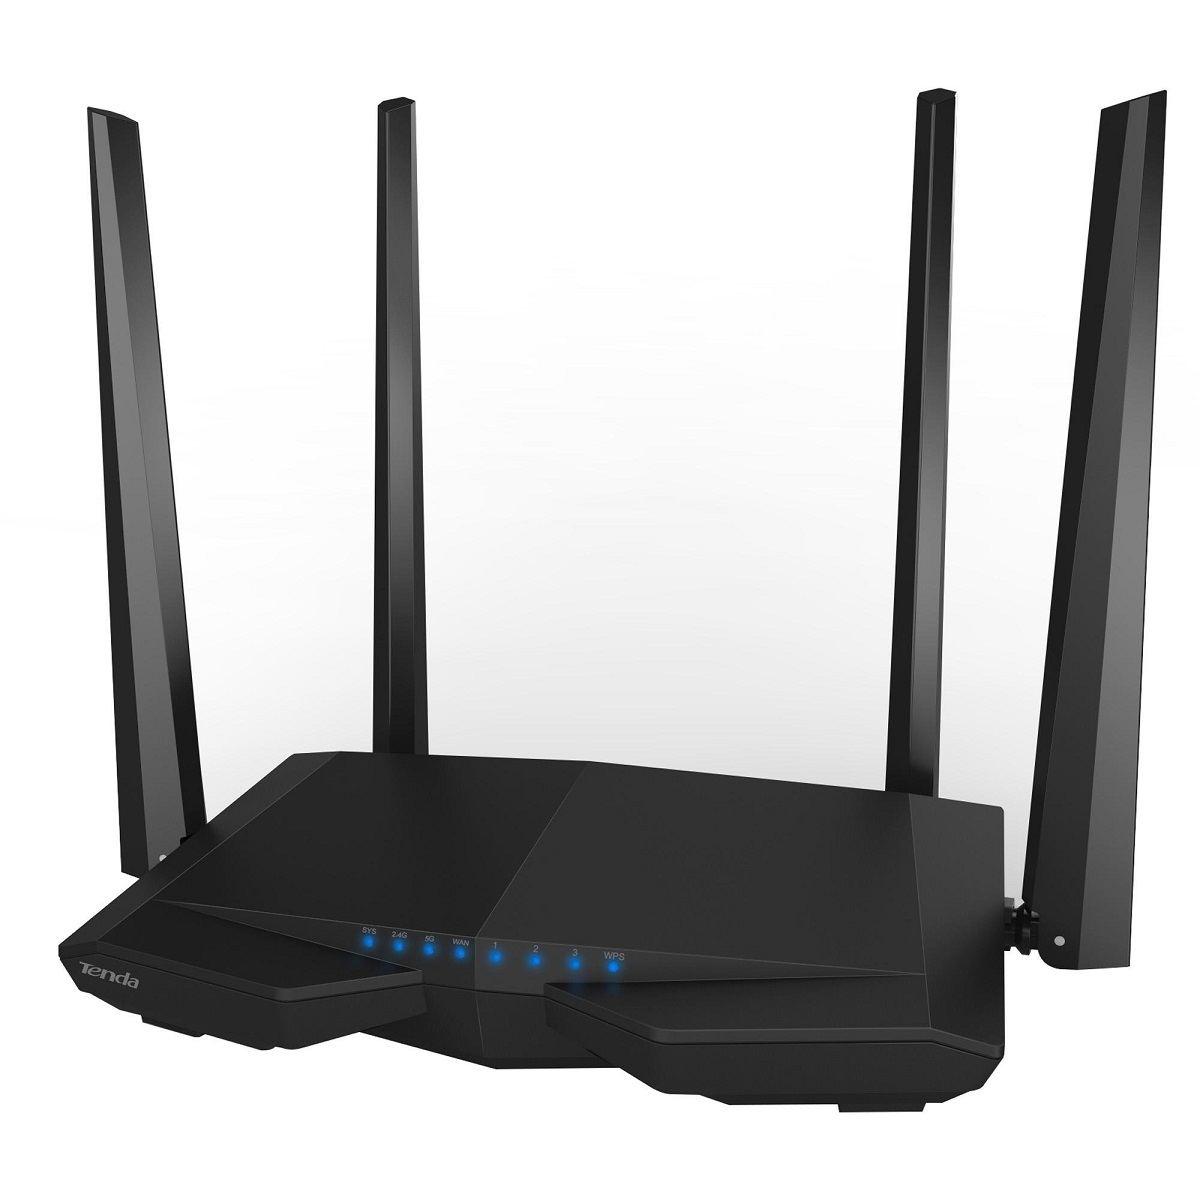 Roteador Dual Band Wifi 1200MBPS AC6 Tenda Preto